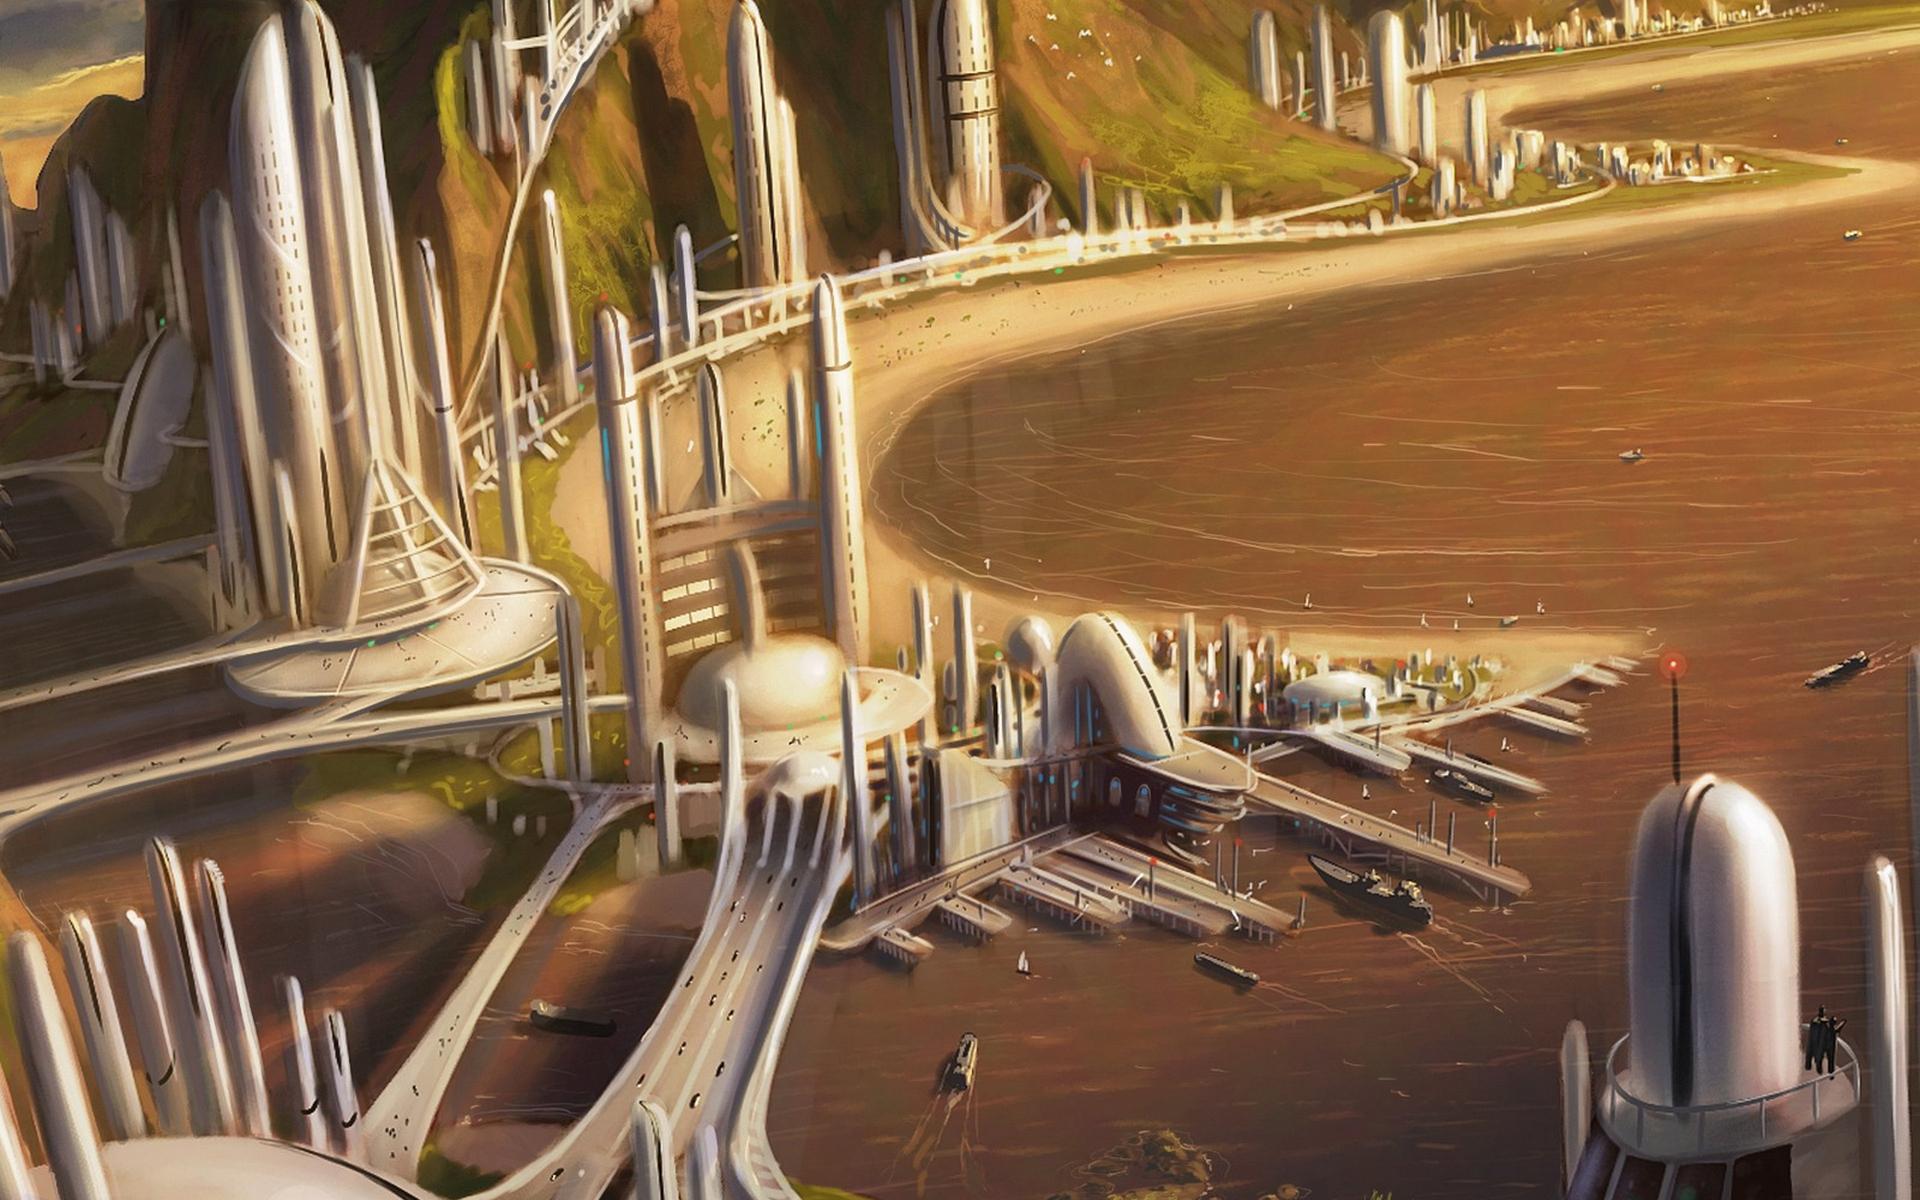 картинки будущего действия когда-нибудь летали самолетах